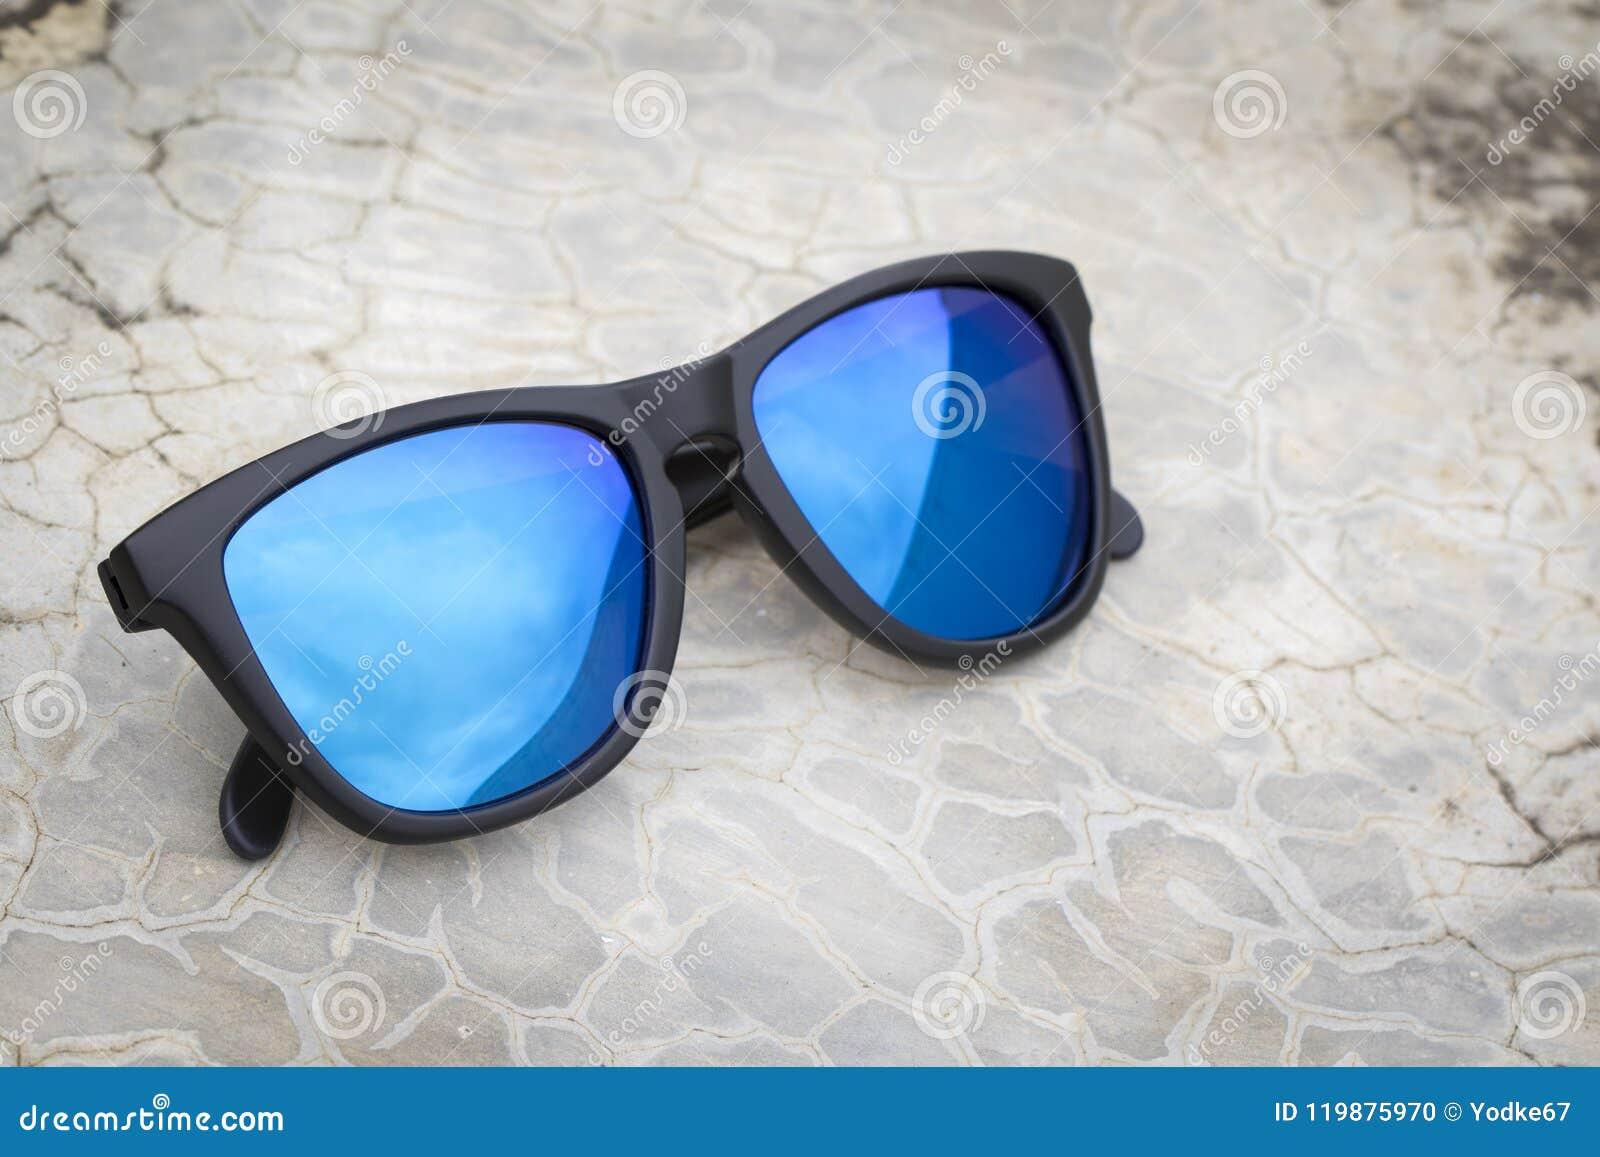 e276d8fa3ad79 Imagem De óculos De Sol Elegantes Modernos No Assoalho Foto de Stock ...